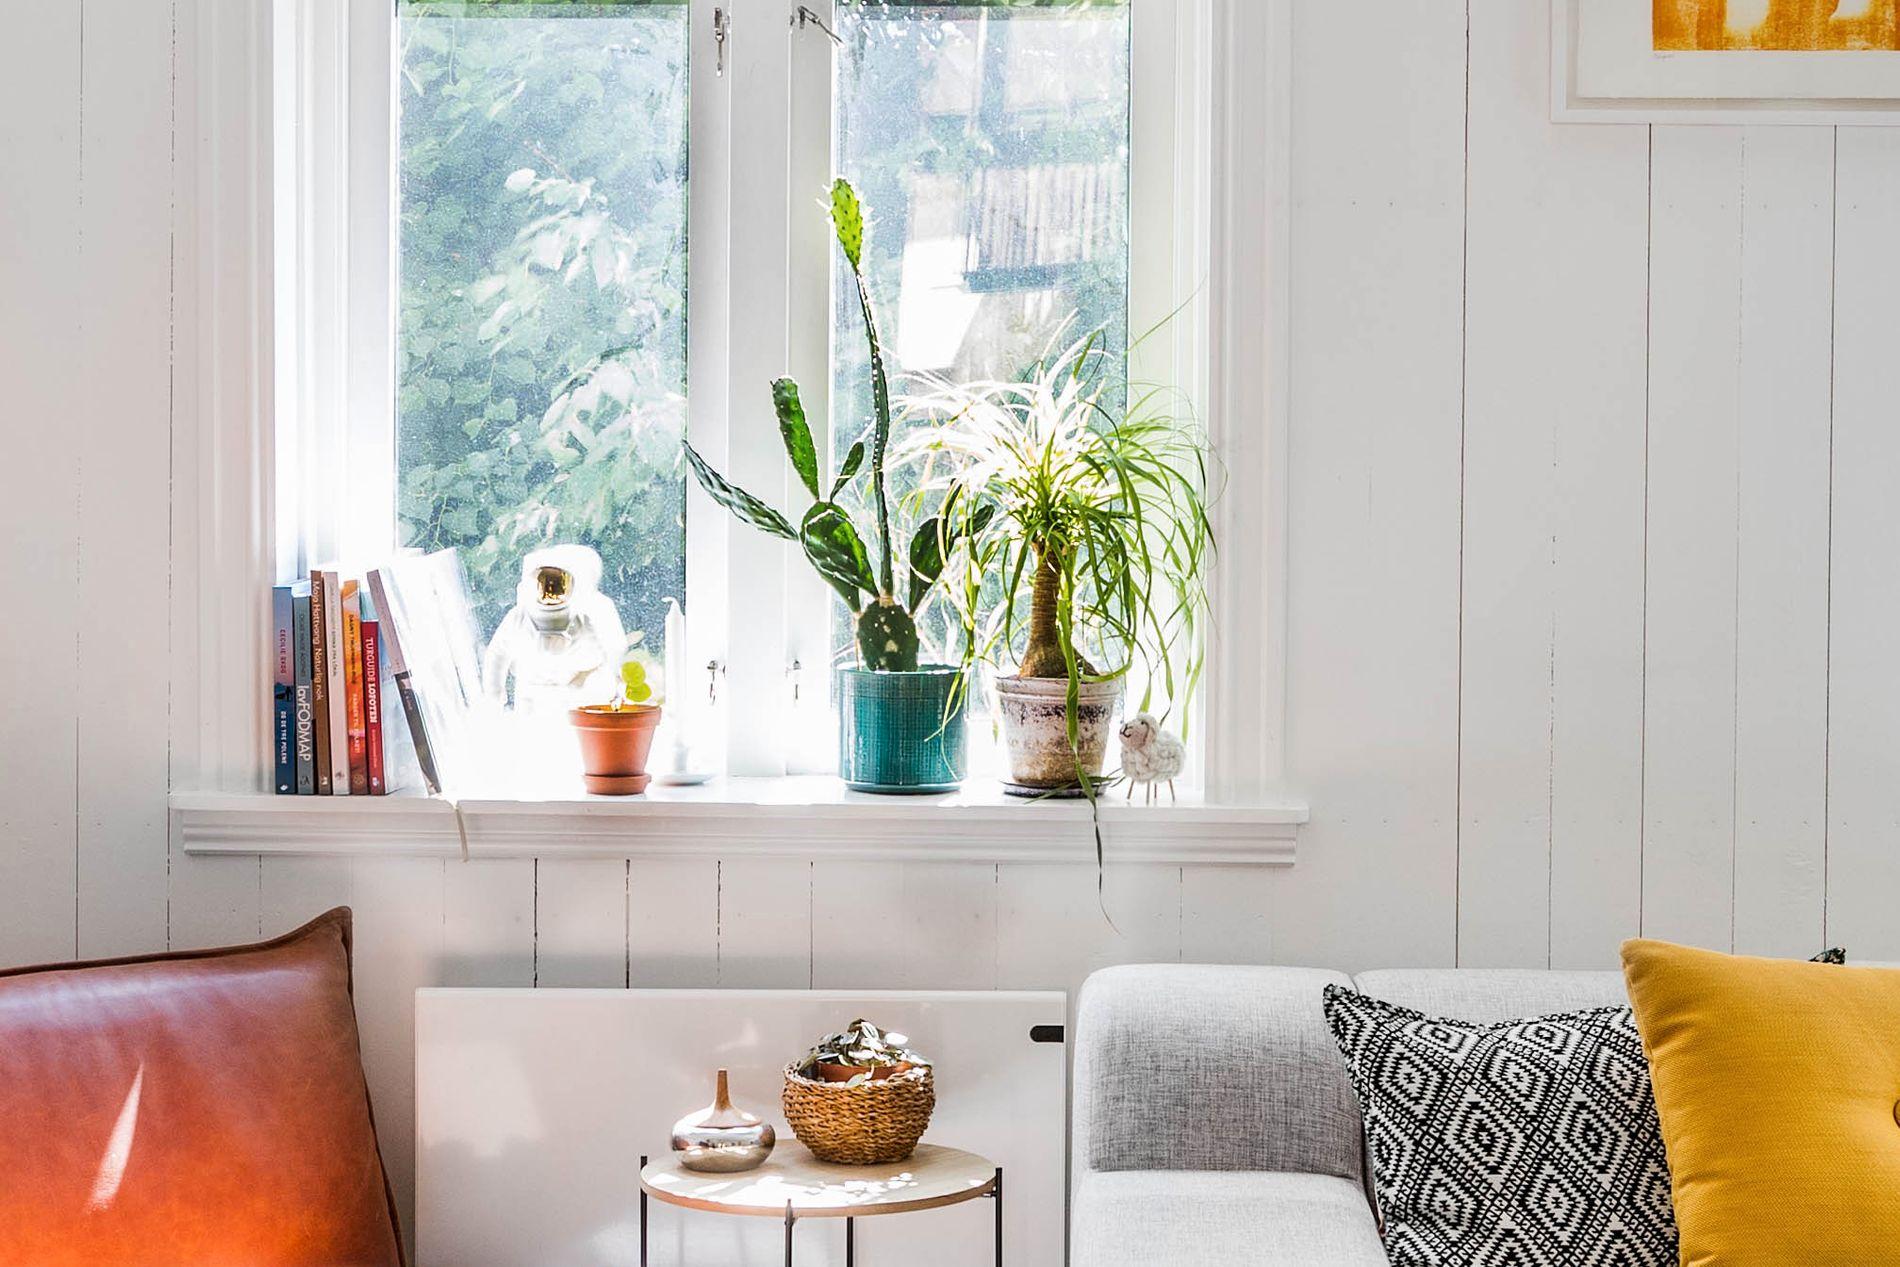 Kaktusen i vinduskarmen er avlegger av et tippoldebarn av svigermors kaktus fra 1970-tallet.